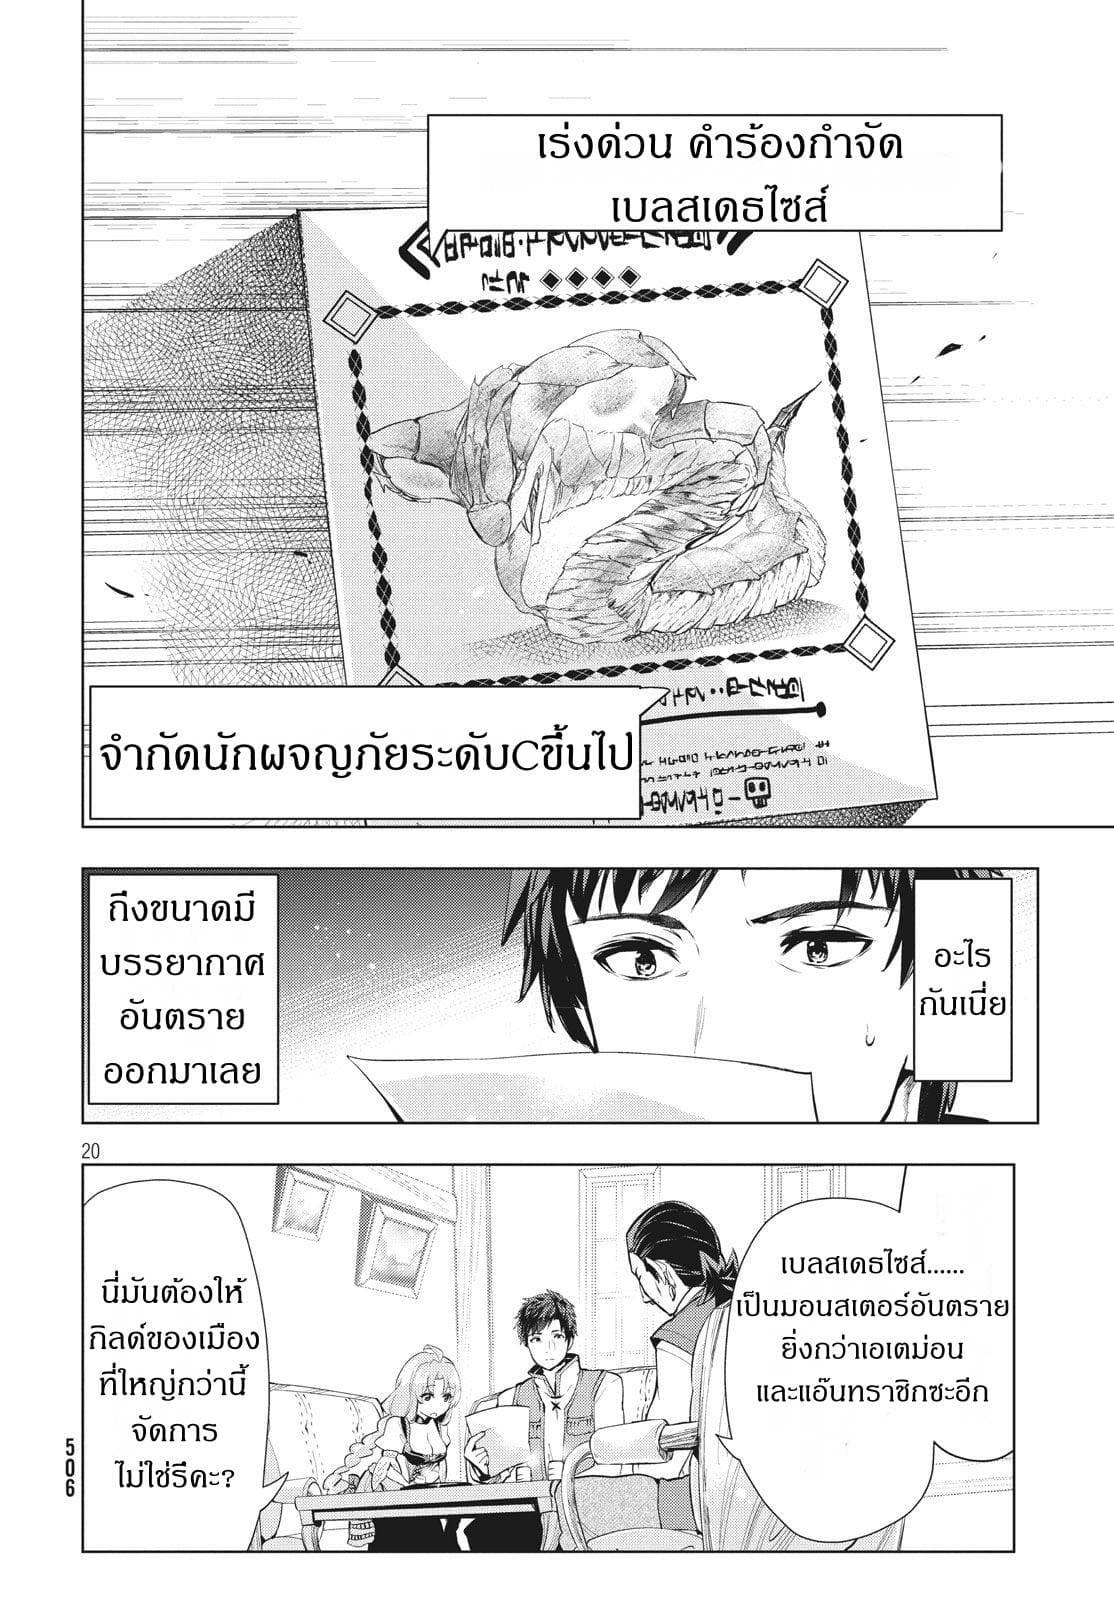 อ่านการ์ตูน Kaiko sareta Ankoku Heishi (30-dai) no Slow na Second ตอนที่ 3.4 หน้าที่ 6